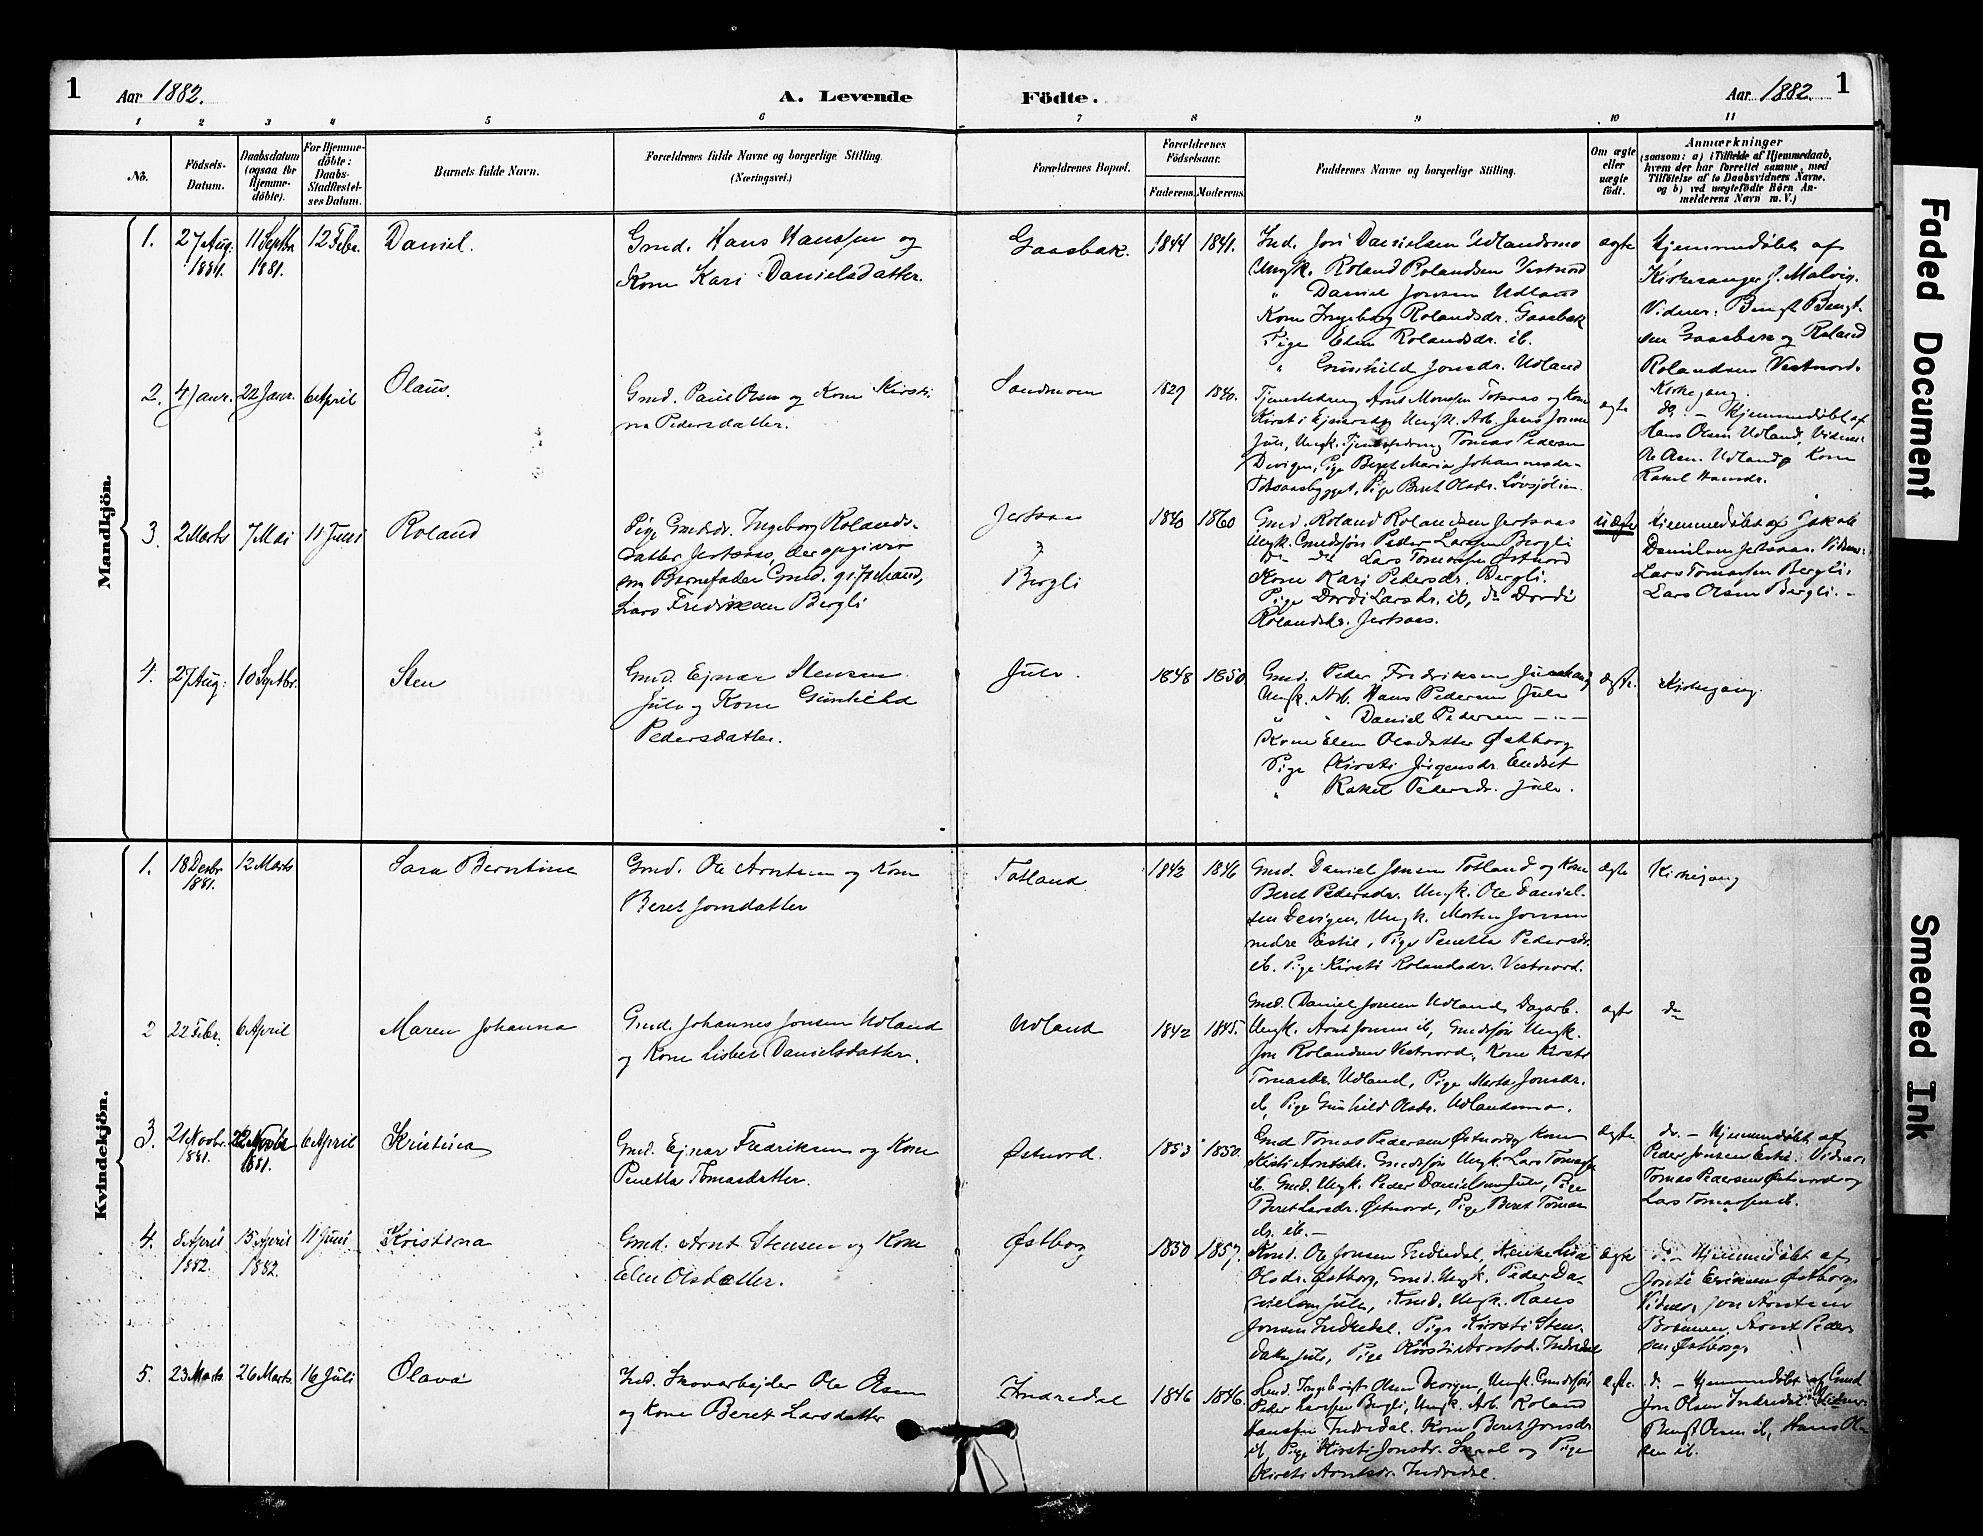 SAT, Ministerialprotokoller, klokkerbøker og fødselsregistre - Nord-Trøndelag, 757/L0505: Ministerialbok nr. 757A01, 1882-1904, s. 1